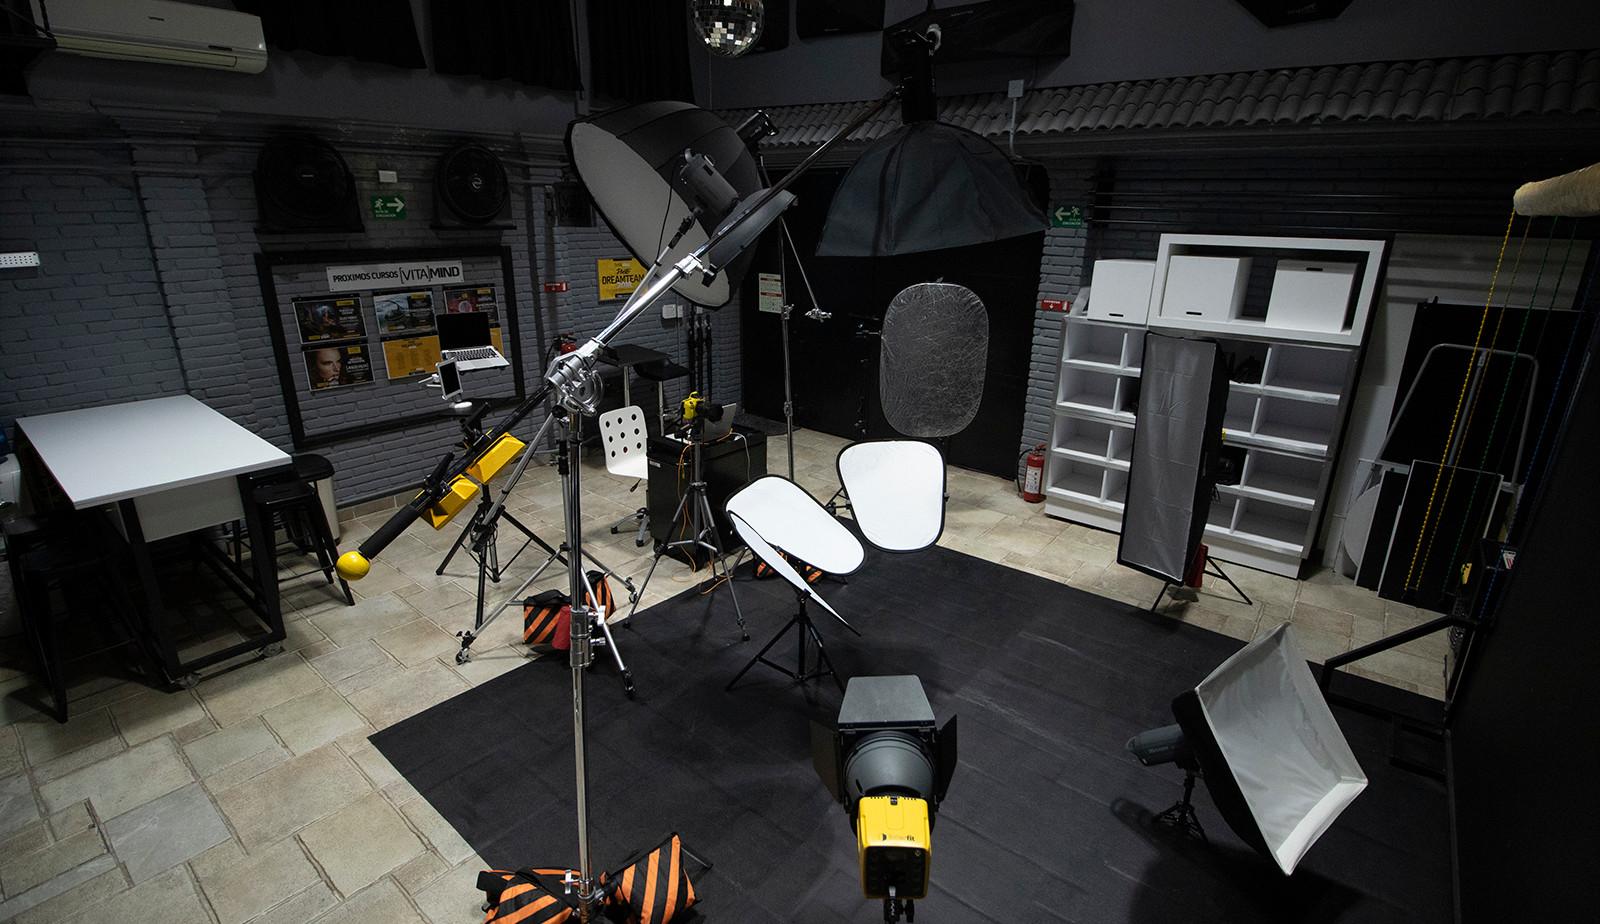 estudio fotografico 2b.jpg